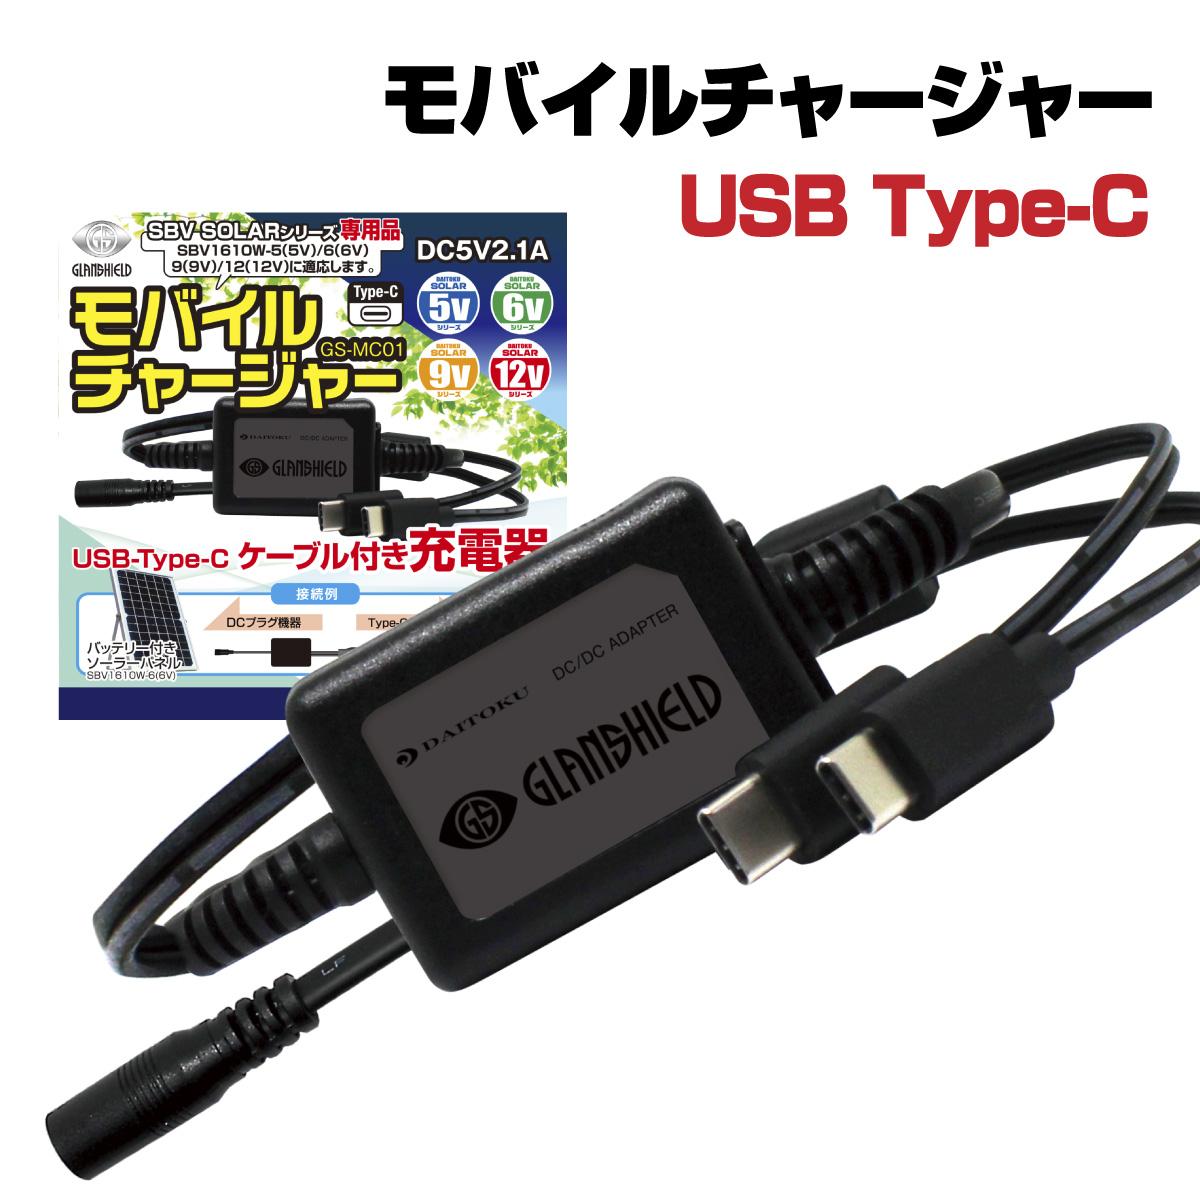 TypeC 端末 充電 モバイル チャージャー GS-MC01 数量は多 ソーラーパネル 充電器 対応 モバイルチャージャー DC 同時出力 お気に入り USB ジャック 軸長11mm 変換ケーブル 内径2.1mm プラグ 2口 外径5.5mm Type-C端末